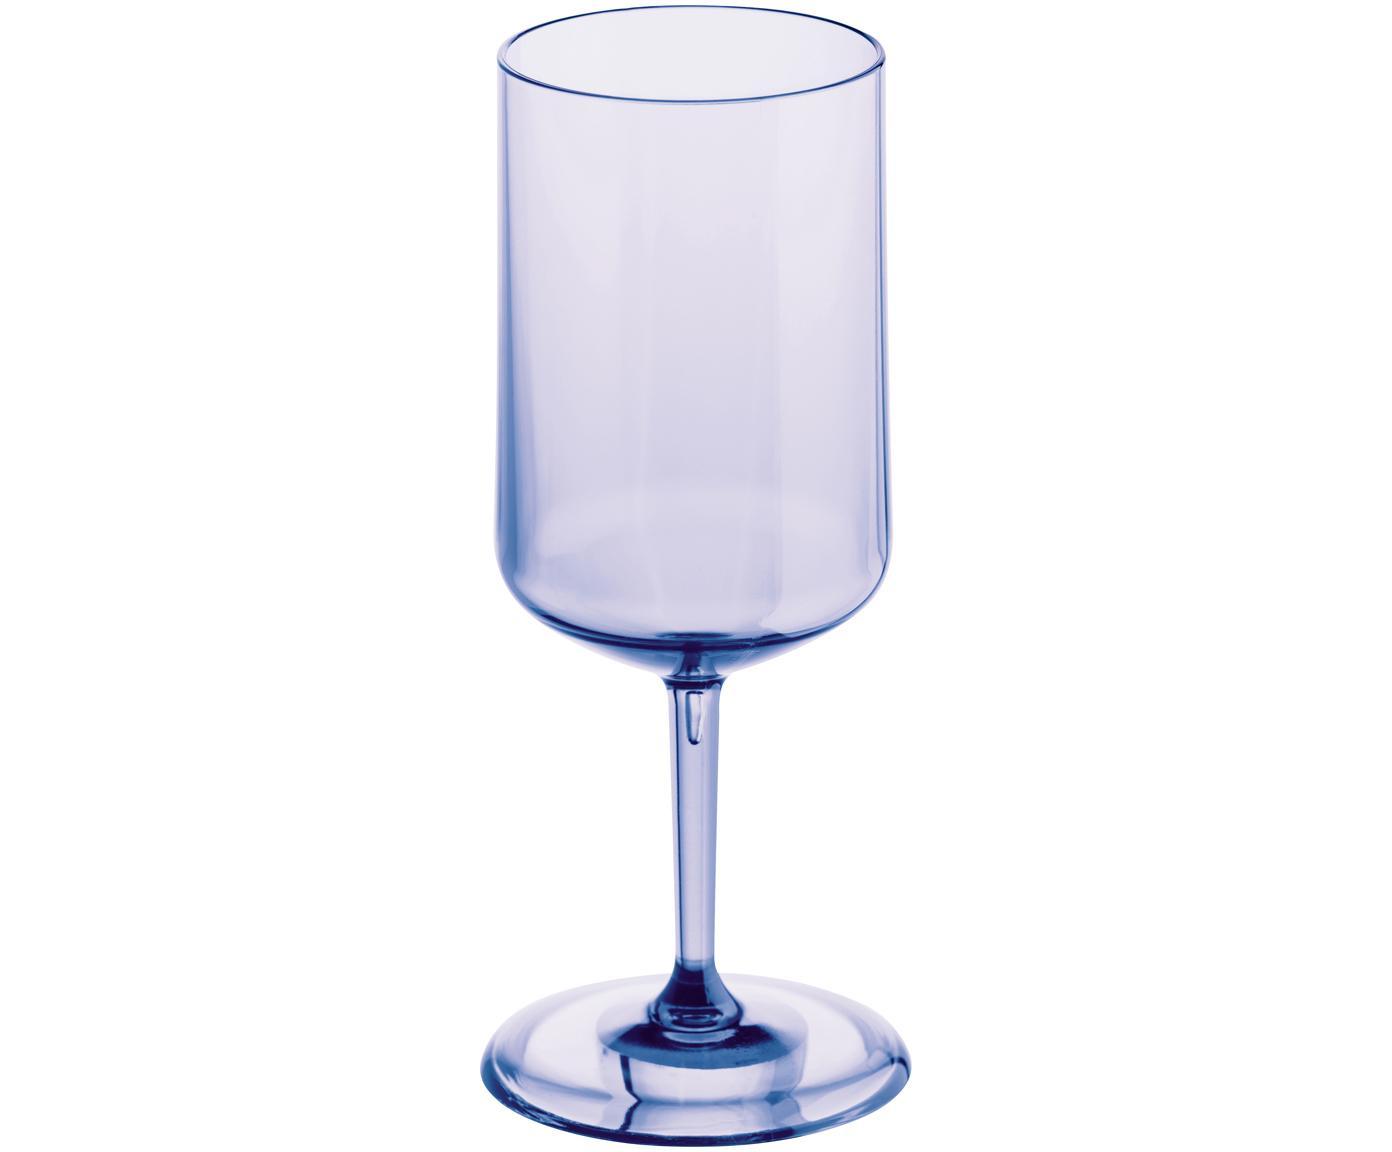 Copa de vino blanco de plástico irrompible Cheers, Termoplástico (Superglass), Lila azulado, Ø 9 x Al 21 cm